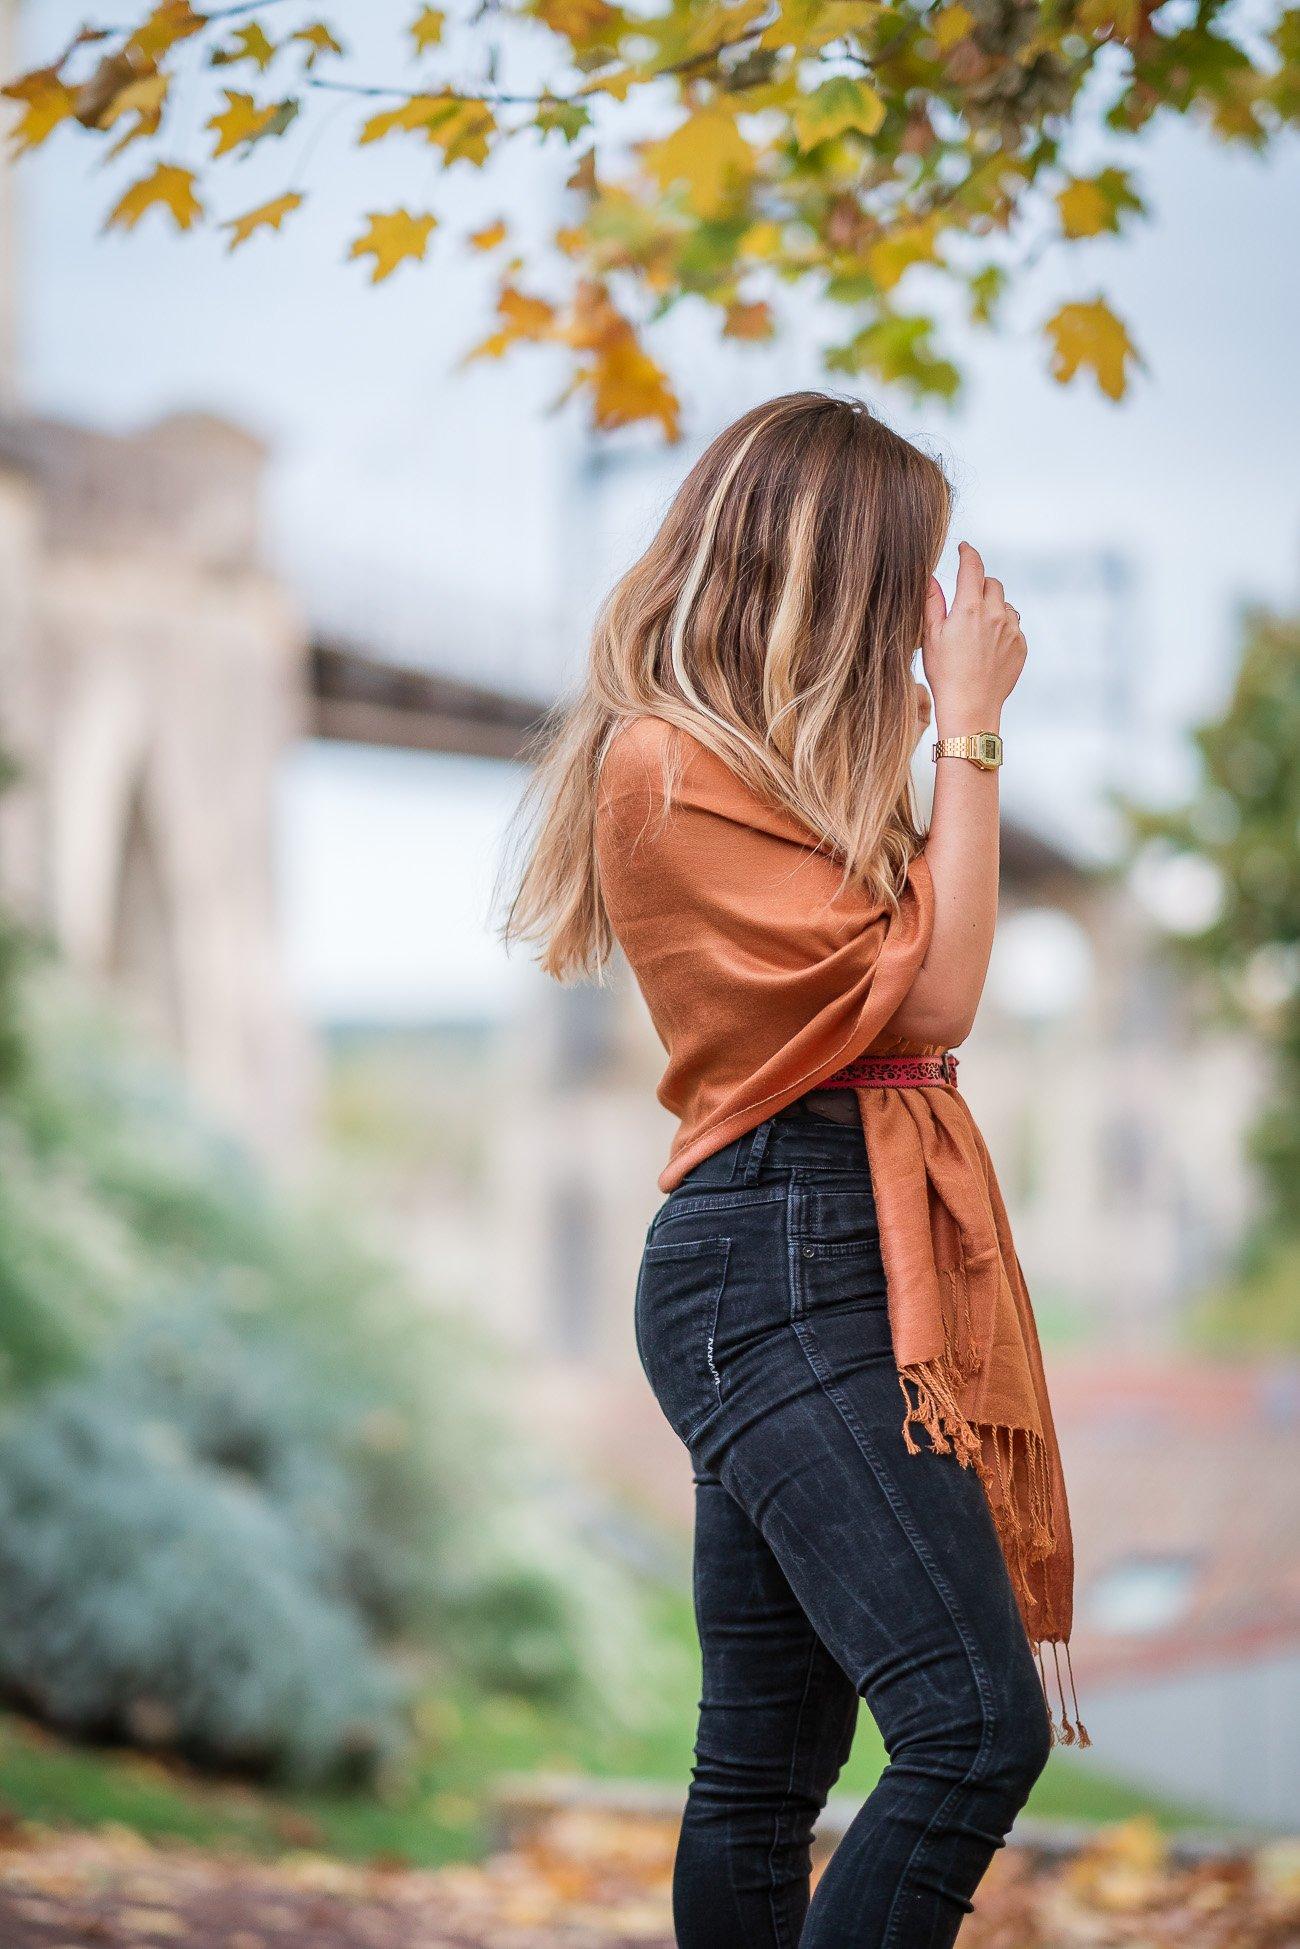 écharpe cuivre automne ceinture